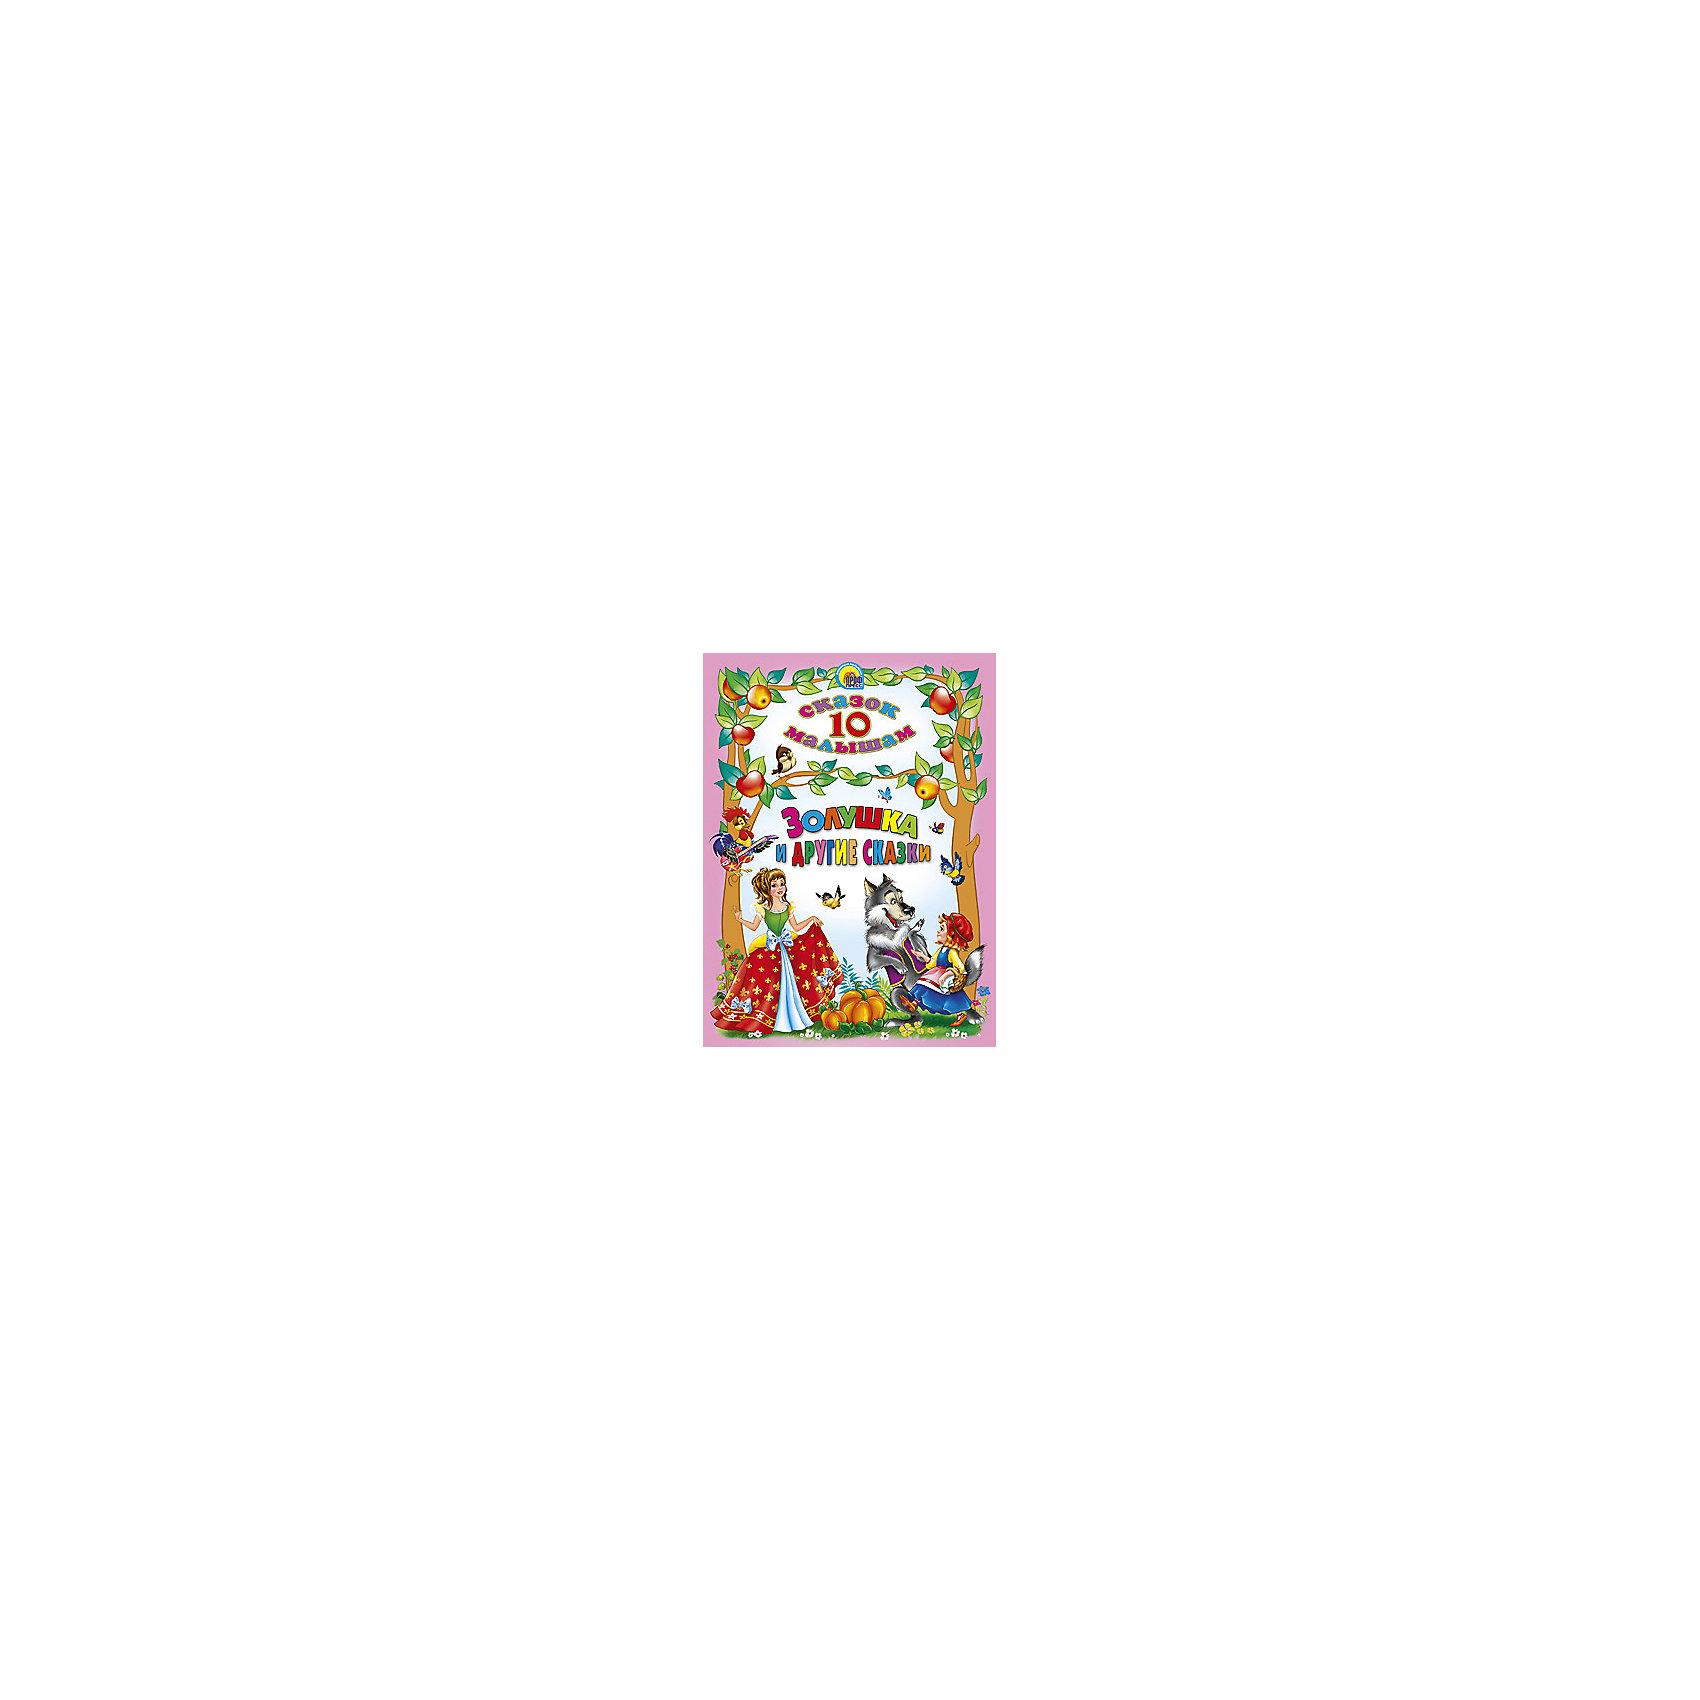 10 сказок: Золушка и другие сказкиРусские сказки<br>Золушка и другие сказки - прекрасная книга, в которой всегда побеждает добро. Волшебные сказки расскажут ребенку о превращениях, дружбе, отзывчивости и любви. Самые известные сказки и яркие иллюстрации откроют ребенку волшебный мир добра и чудес!<br>Содержание: Золушка, Красная Шапочка, Кот в сапогах, Волк и семеро козлят, Бременские музыканты, Белоснежка и семь гномов, Спящая красавица, Снежная королева, Красавица и Чудовище, Принцесса на горошине<br>Дополнительная информация:<br>Издательство: Проф-Пресс<br>Год выпуска: 2016<br>Серия: 10 сказок малышам<br>Обложка: твердый переплет<br>Иллюстрации: цветные<br>Количество страниц: 128<br>ISBN:978-5-378-03797-1<br>Размер: 21,5х1,3х16,2 см<br>Вес: 280 грамм<br>Книгу Золушка и другие сказки вы можете приобрести в нашем интернет-магазине.<br><br>Ширина мм: 162<br>Глубина мм: 13<br>Высота мм: 215<br>Вес г: 280<br>Возраст от месяцев: 0<br>Возраст до месяцев: 36<br>Пол: Унисекс<br>Возраст: Детский<br>SKU: 4905866